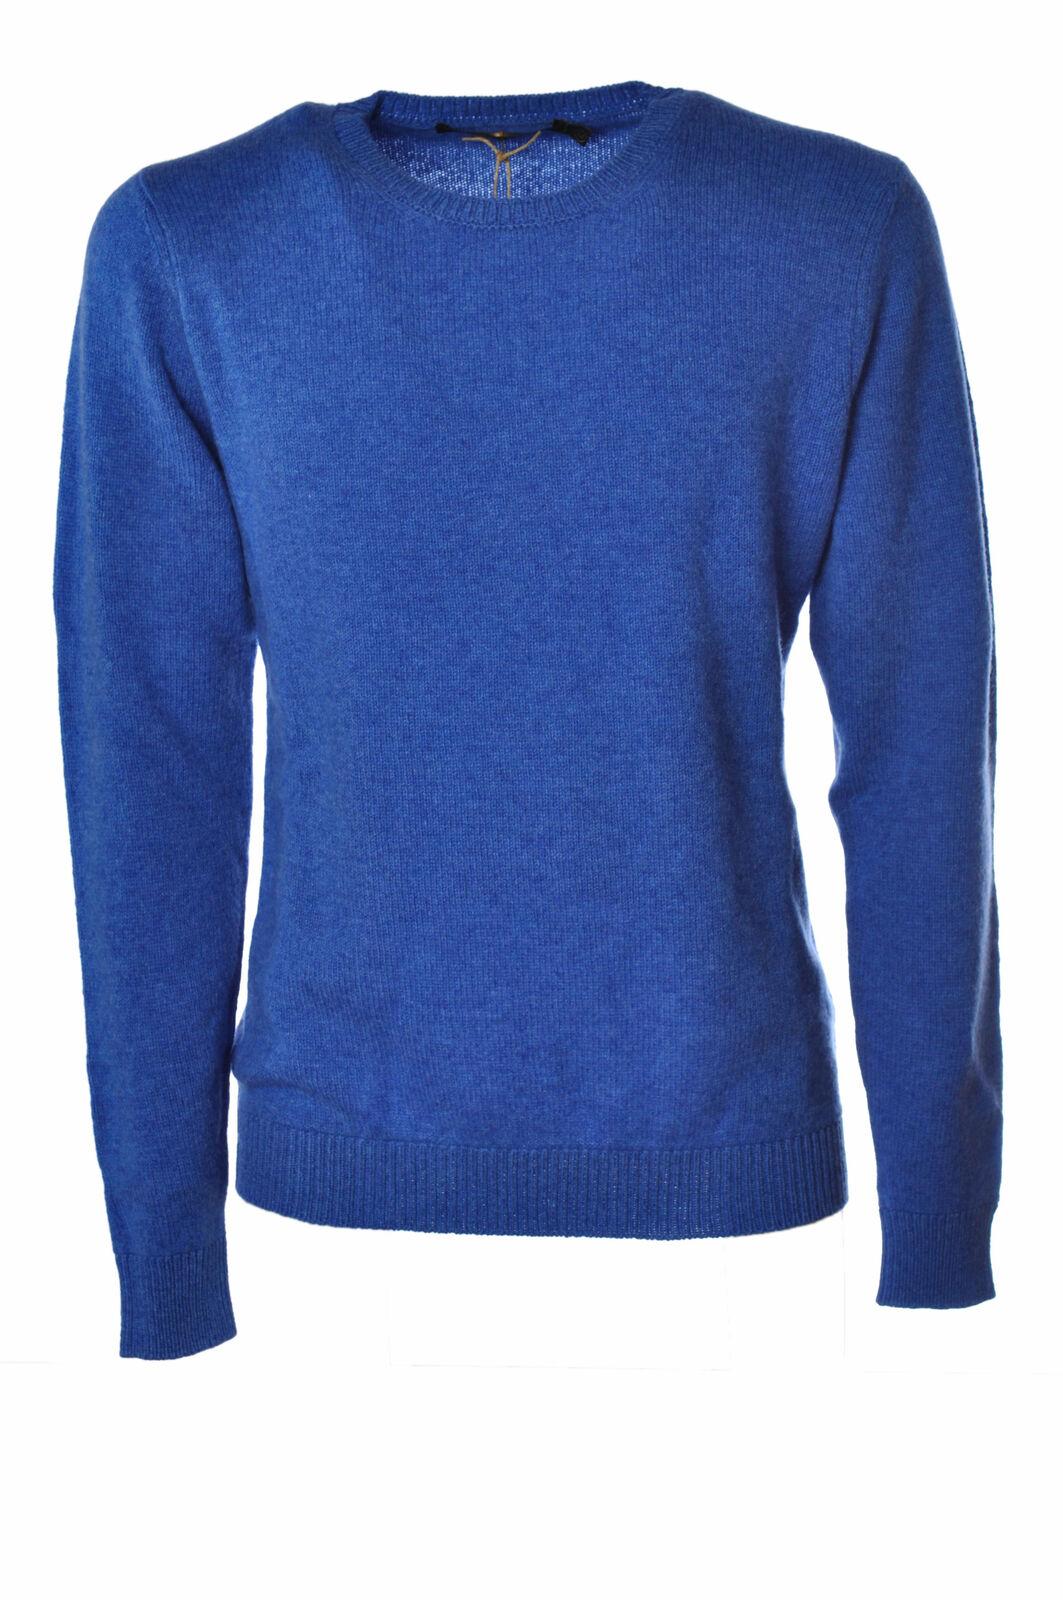 Irish Crone  -  Sweaters - Male - Blau - 2508526N173733